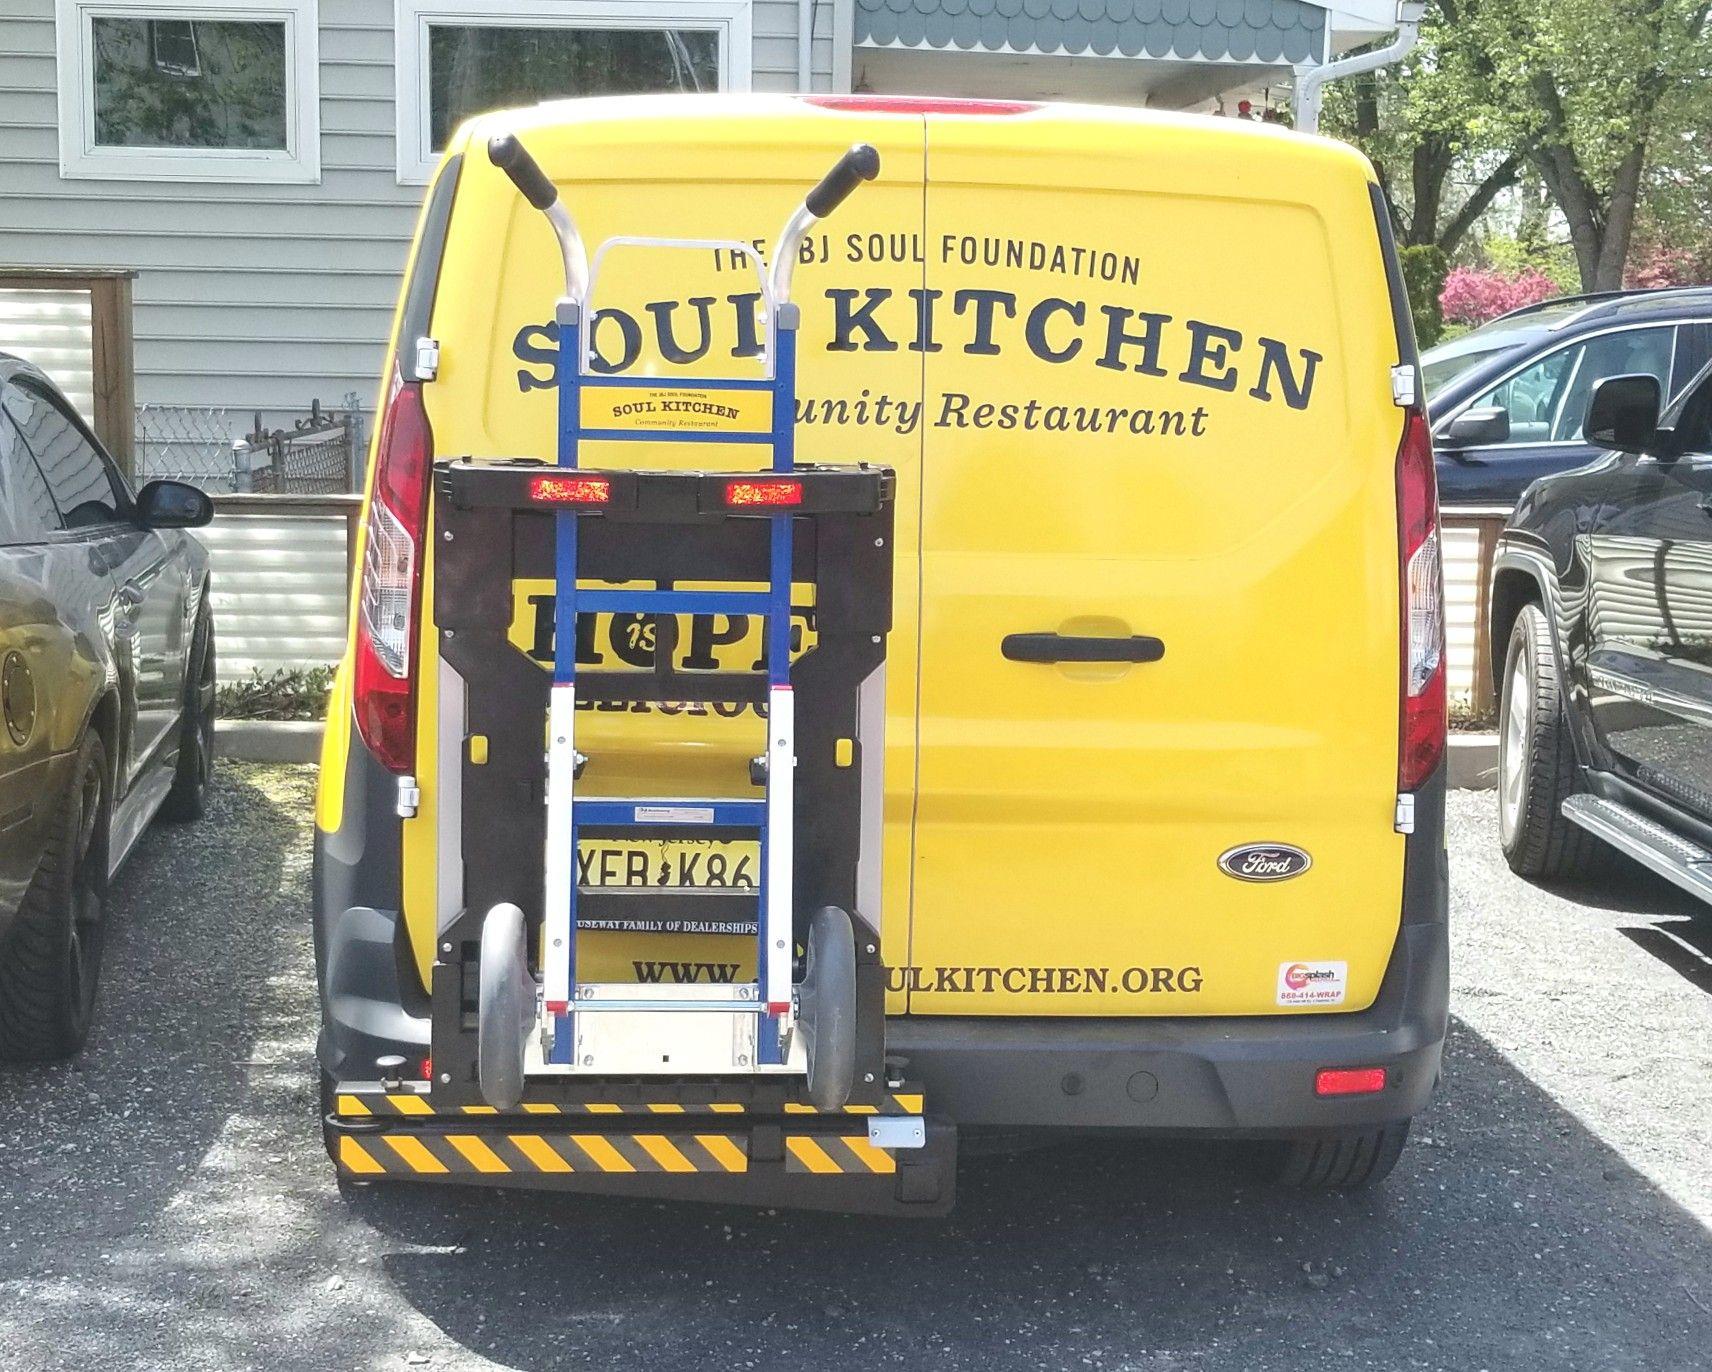 Jbj Soul Kitchen Community Restuarant Ford Transit Connect Mini